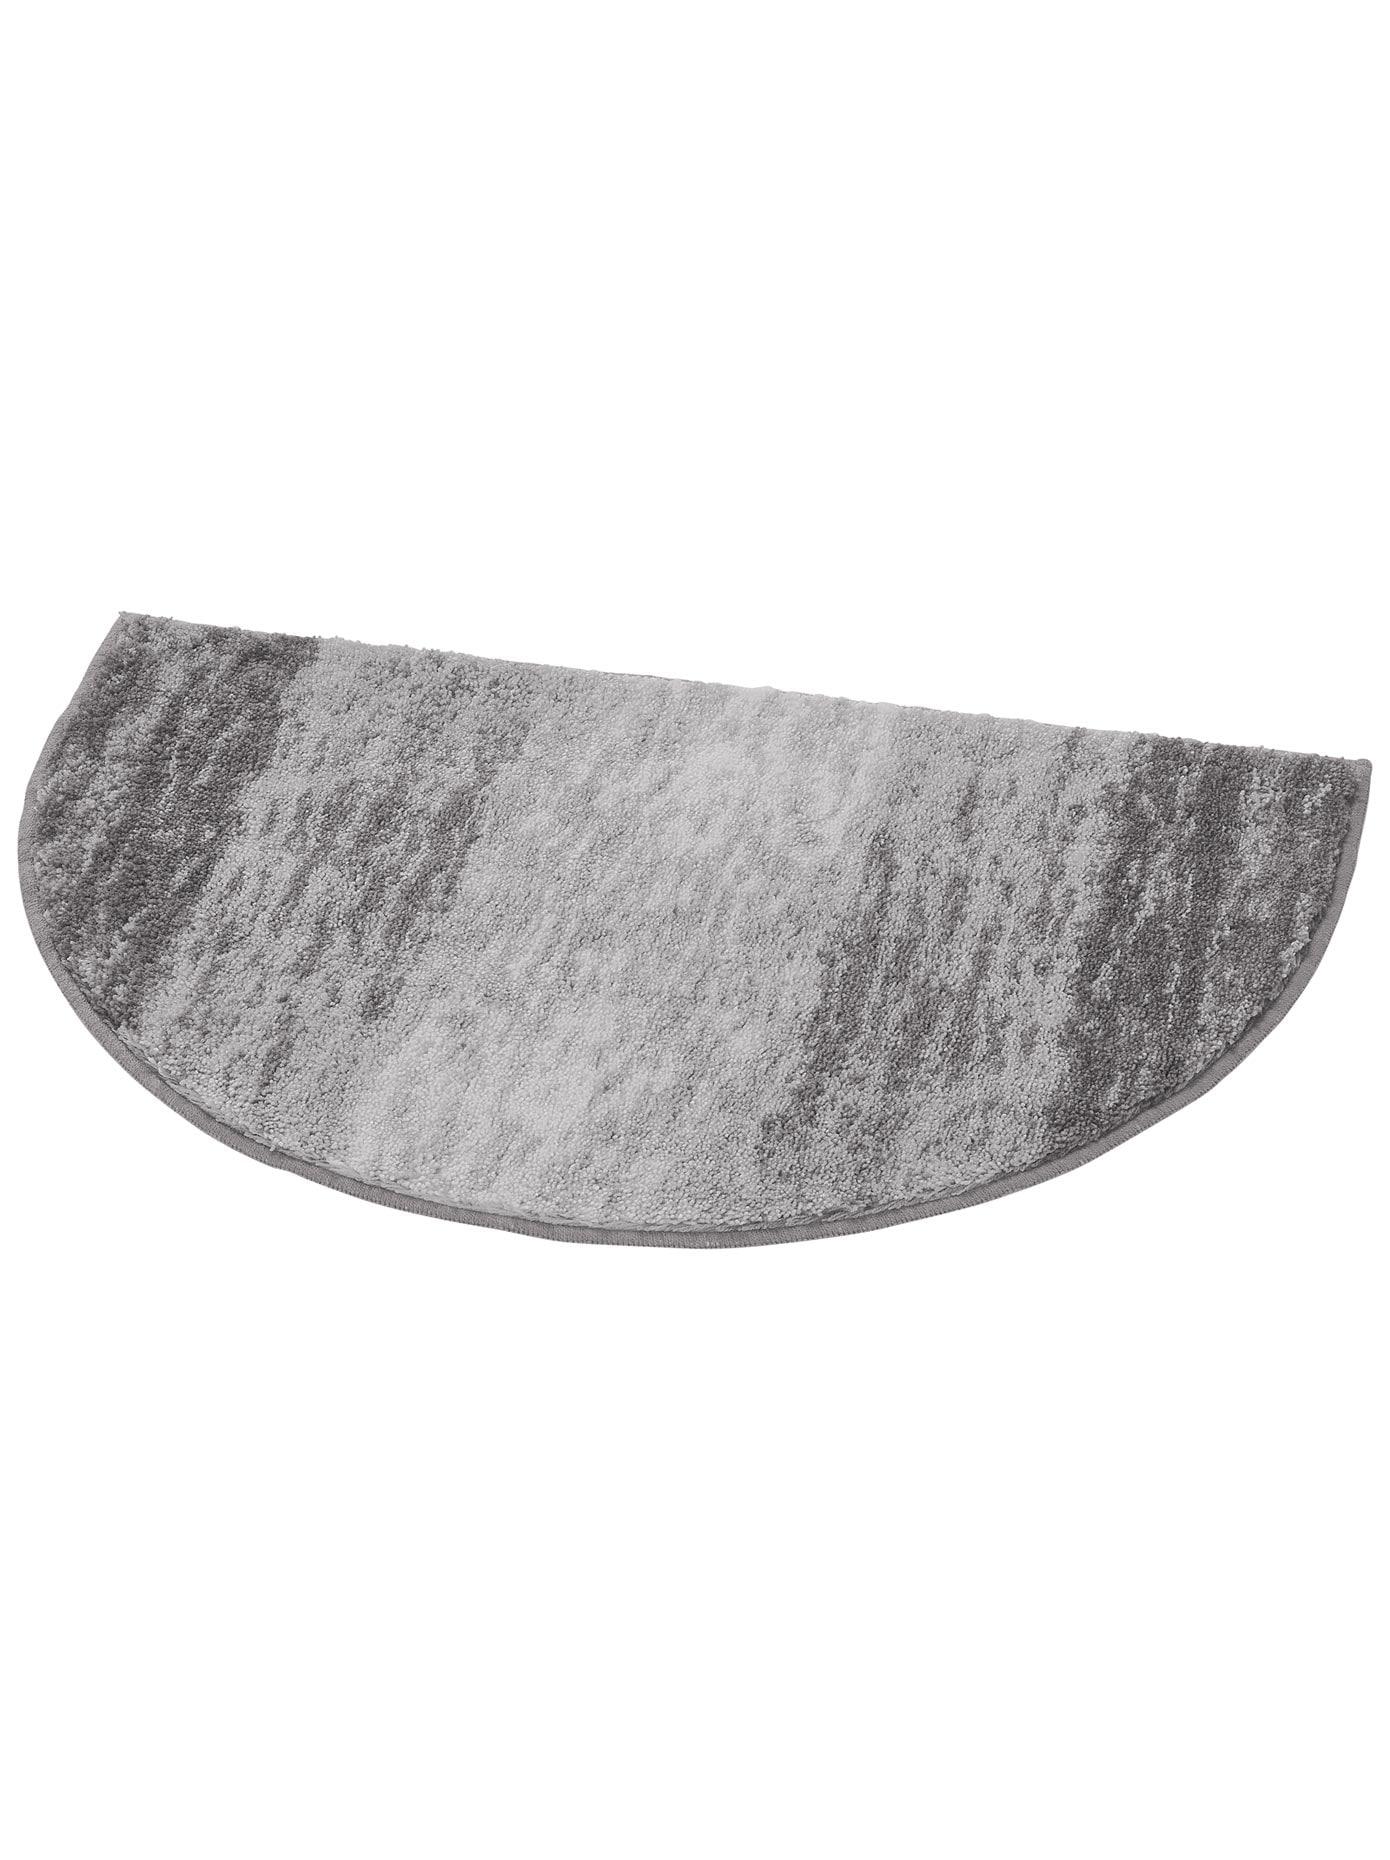 Grund Badematte, Höhe 18 mm grau Linien Badematten Badematte